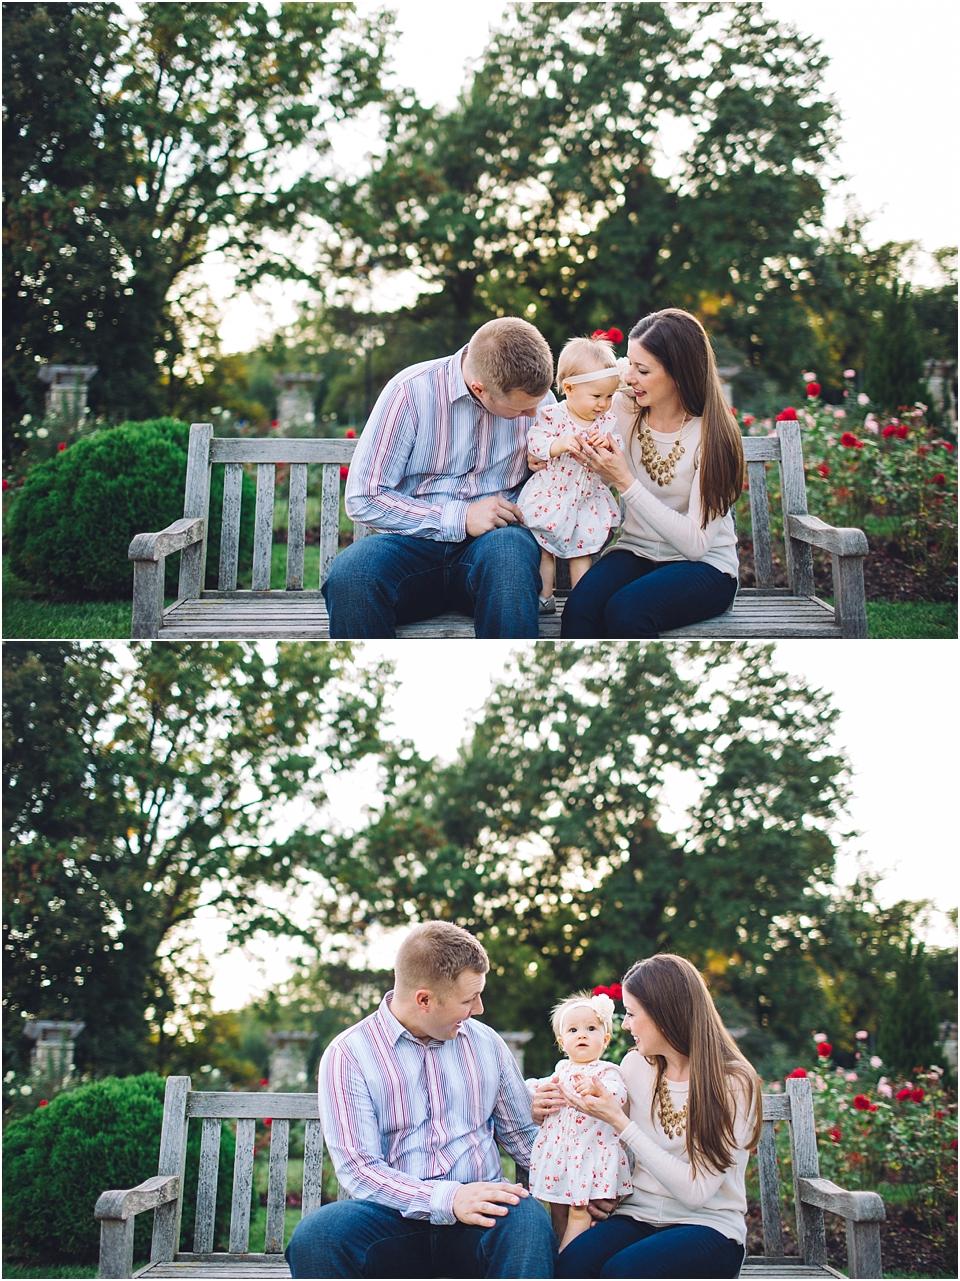 kansascitybestfamilyphotographer_0024